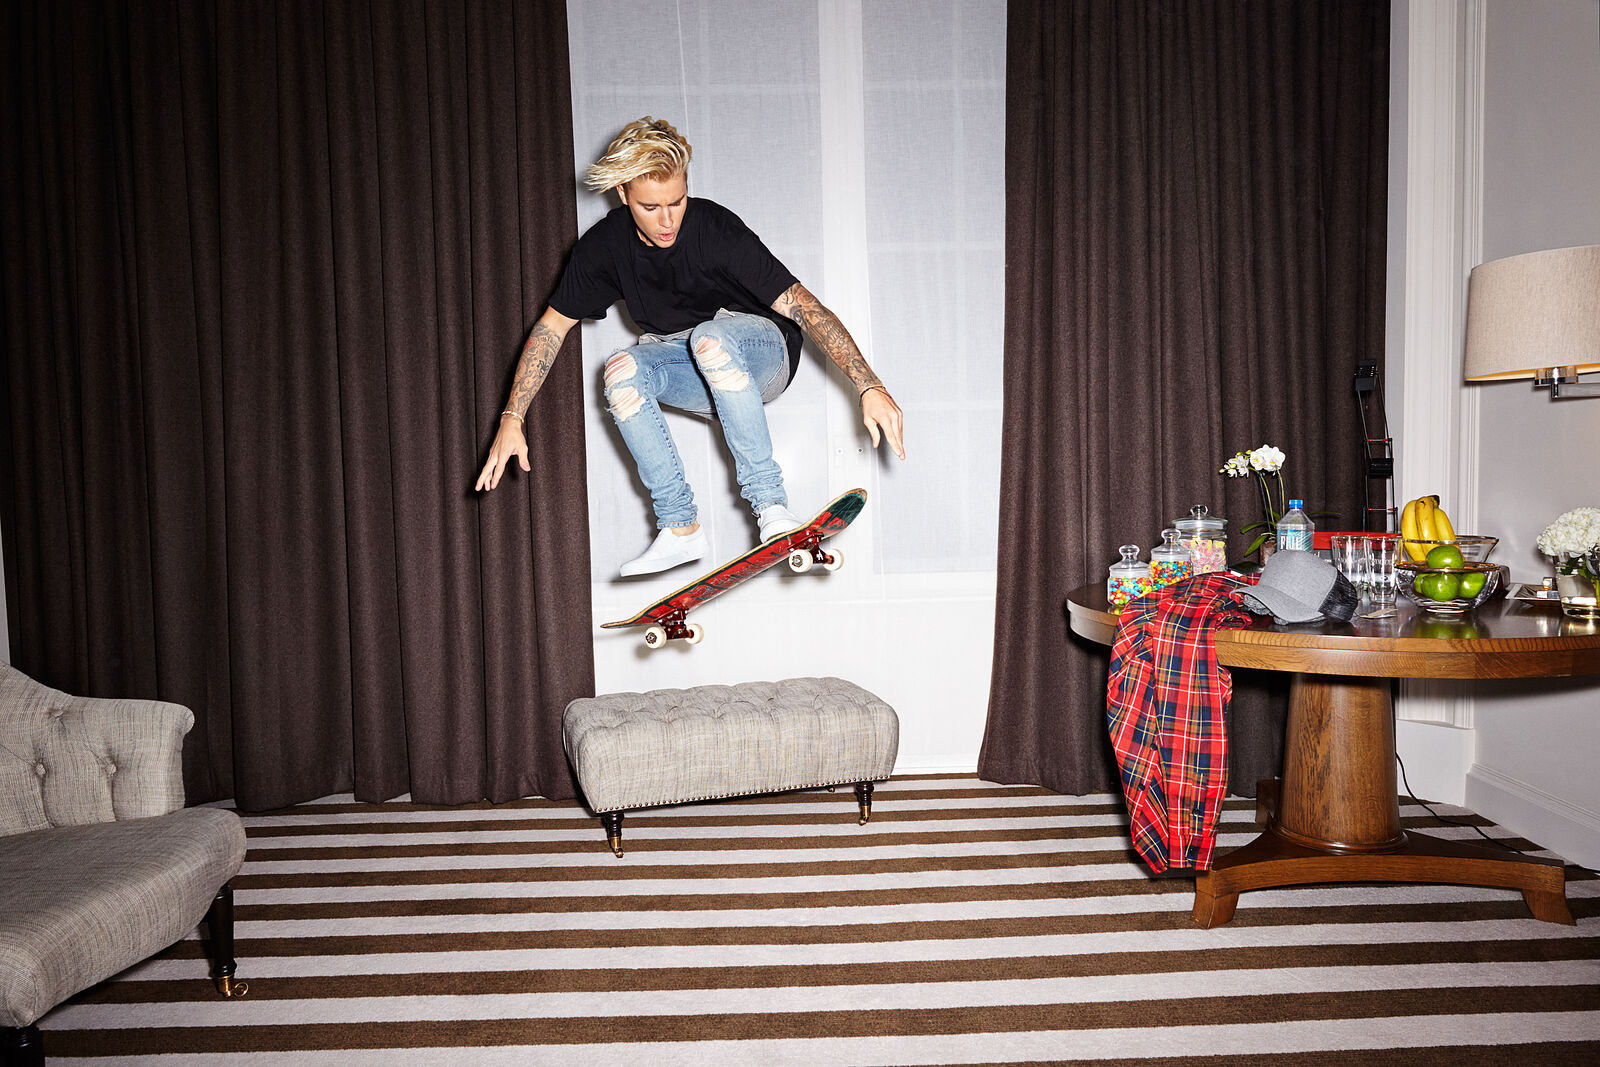 Justin Bieber : Skater